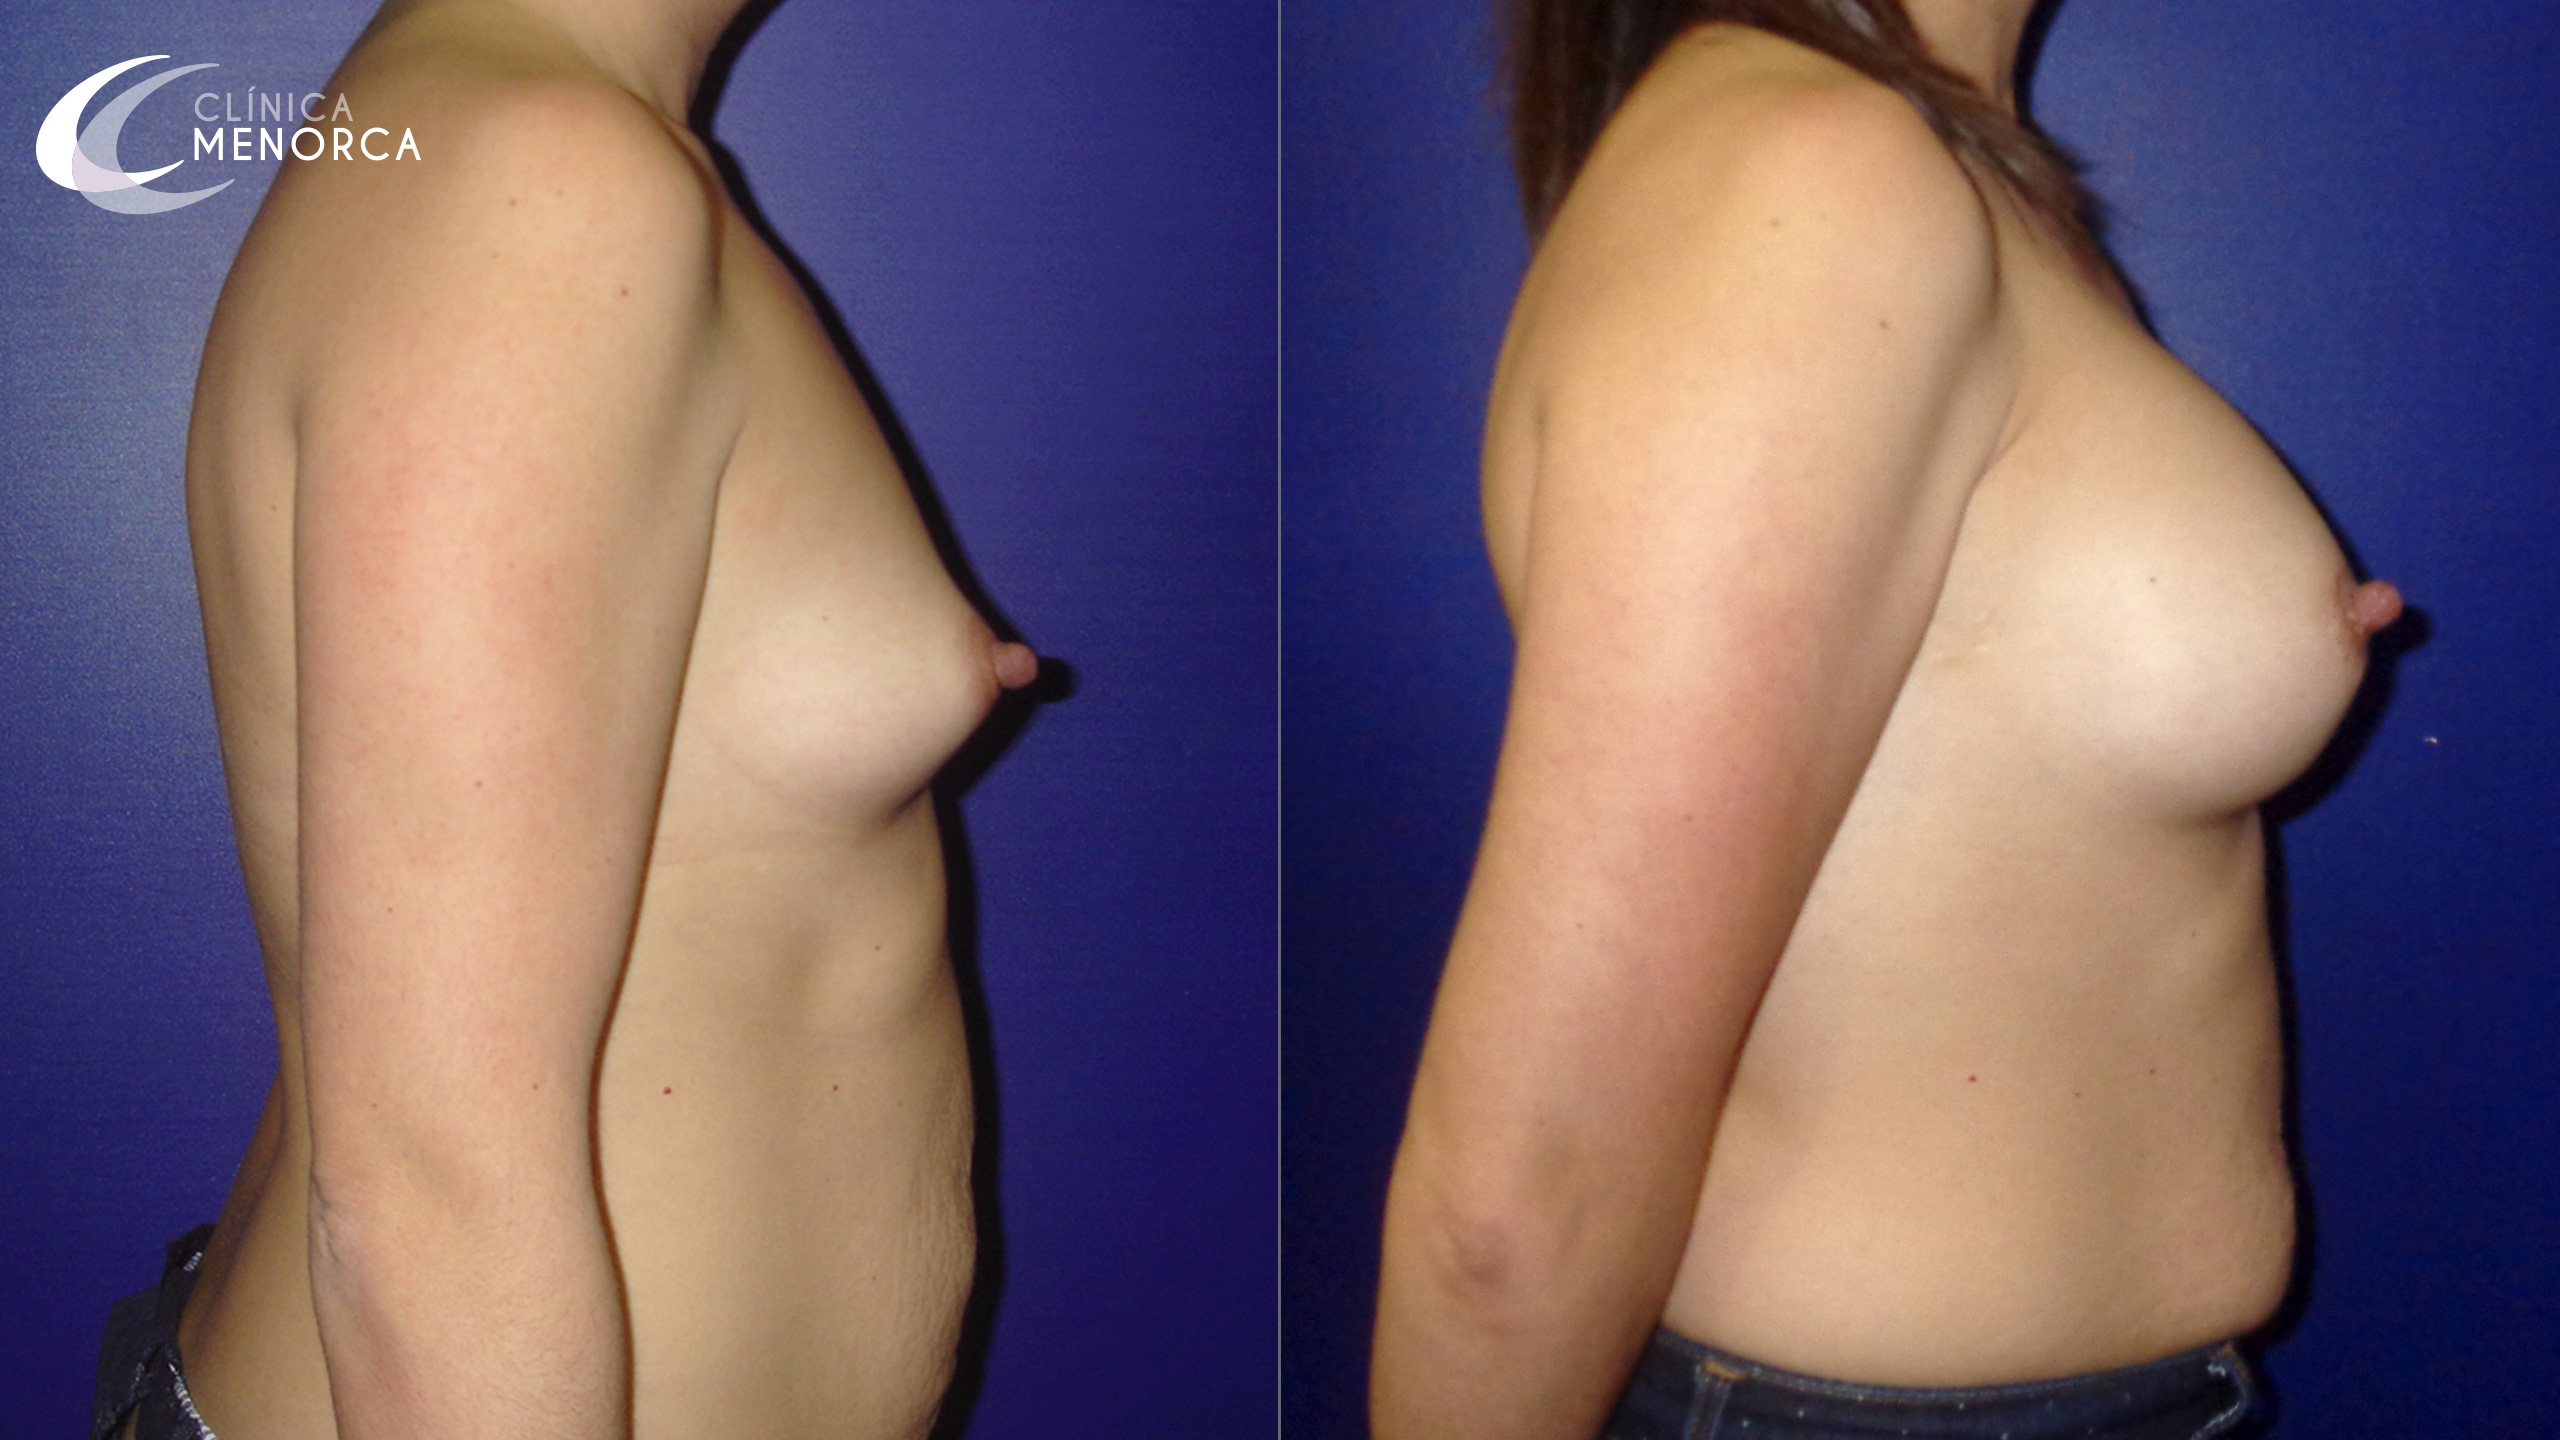 Pechos antes y después de un aumento de senos